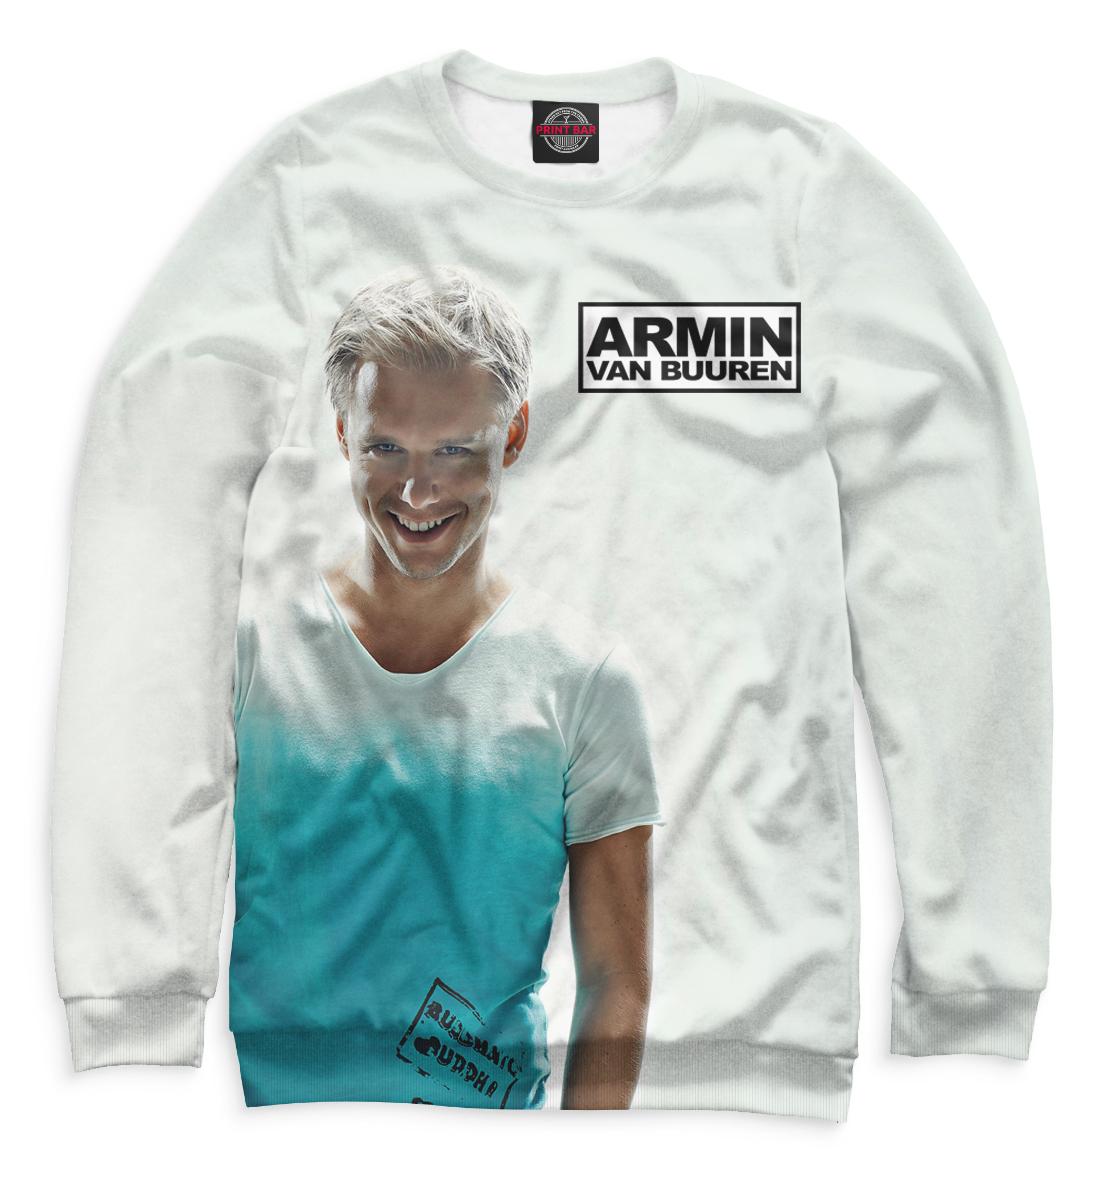 Купить Armin van Buuren, Printbar, Свитшоты, AVB-733753-swi-1